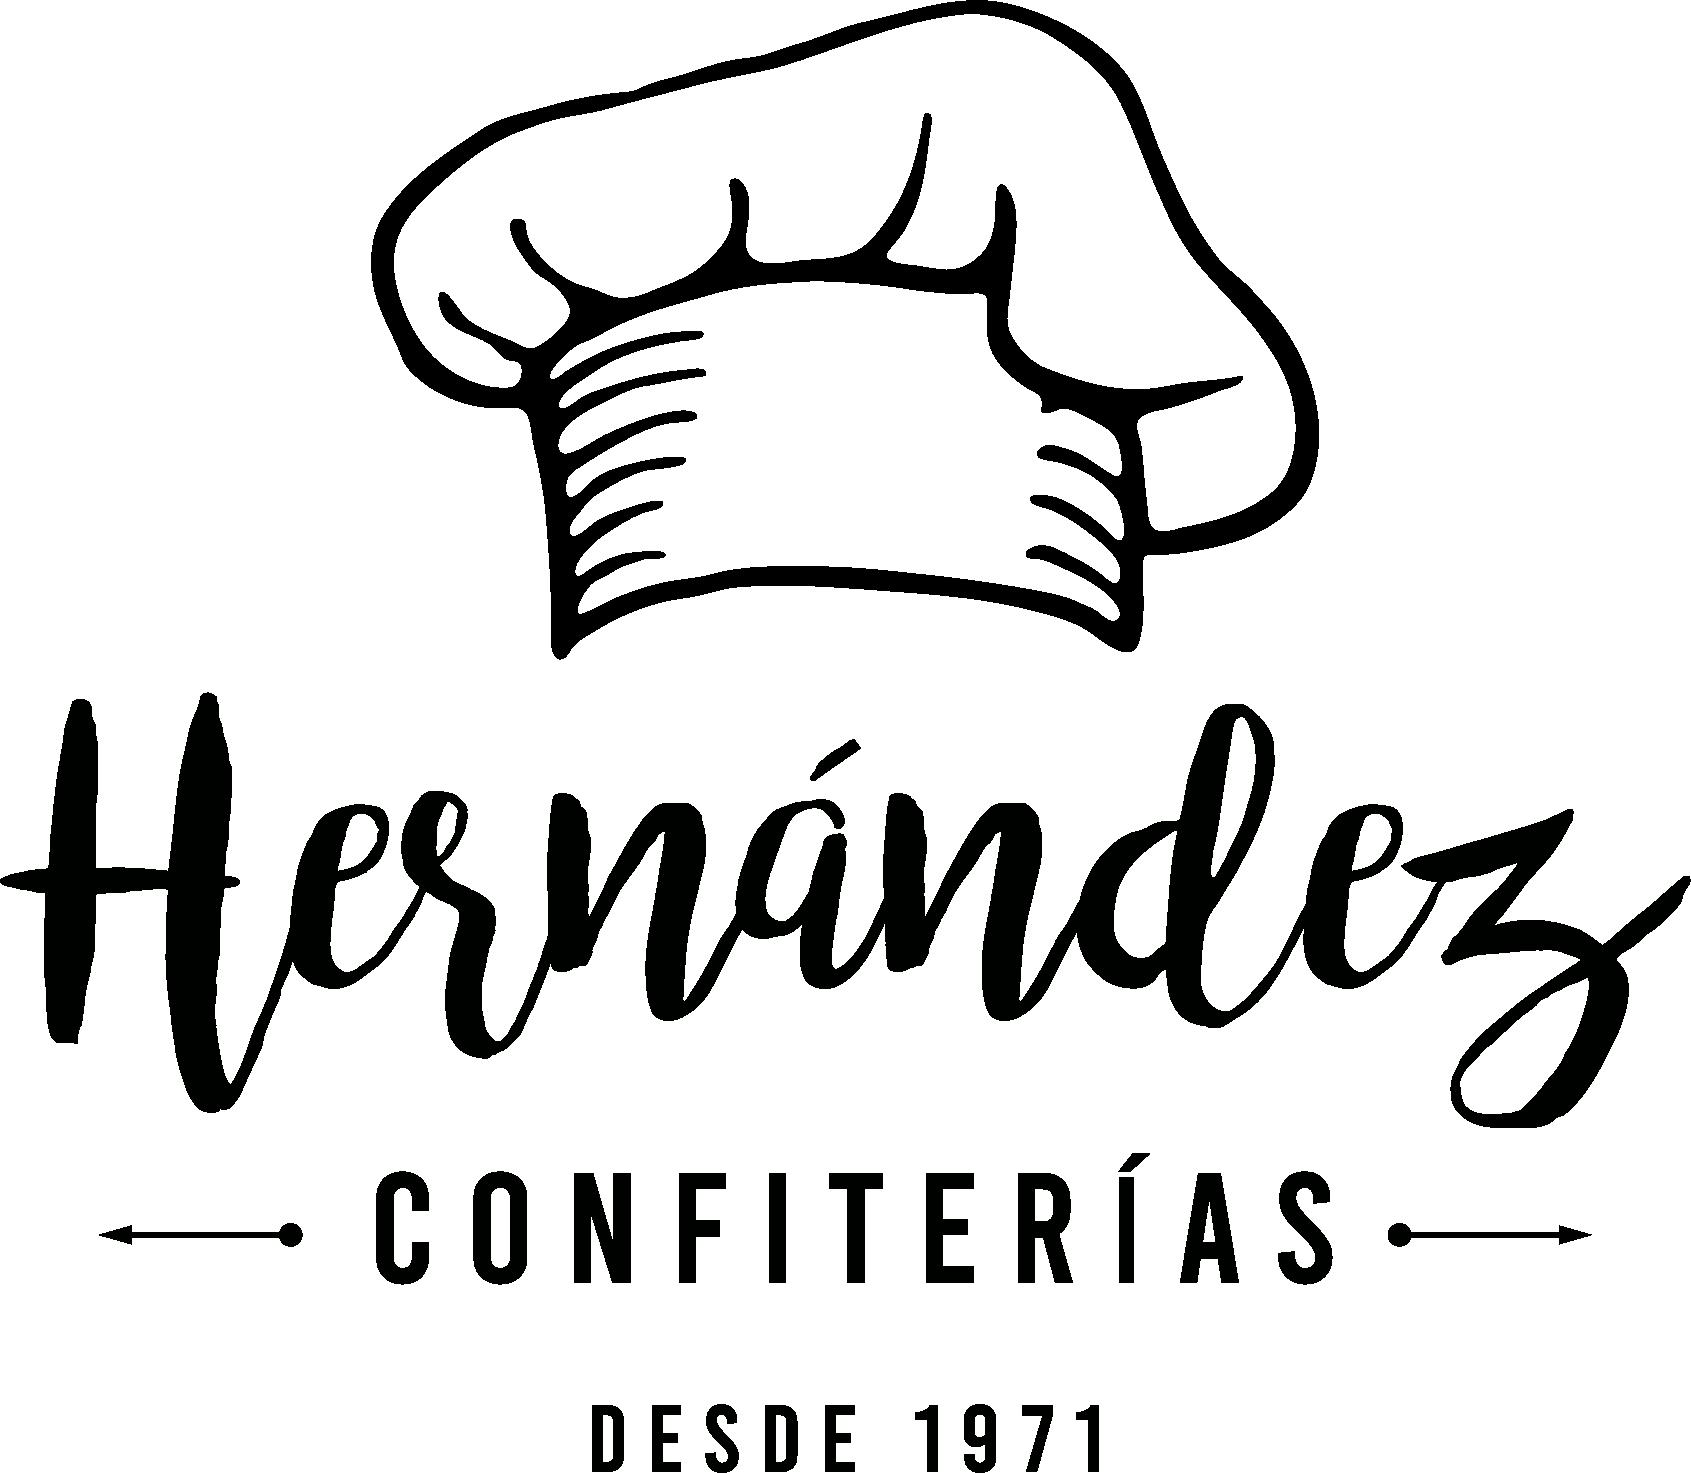 Confiterías Hernández